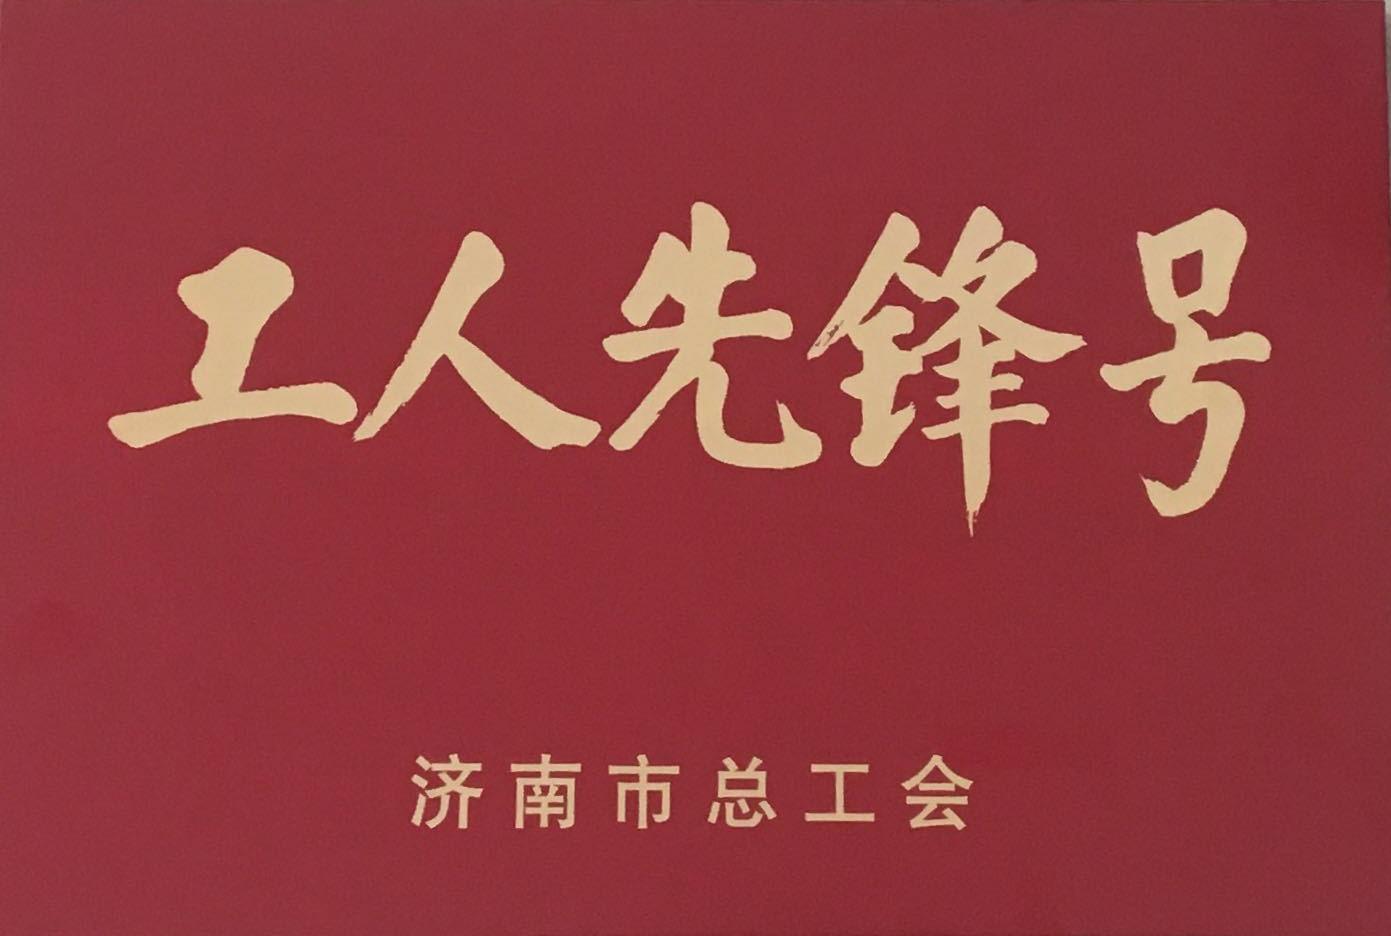 """章丘齐鲁村镇银行相公庄支行、双山支行分别荣获济南市""""工人先锋号""""和""""青年文明号""""称号1_看图王"""